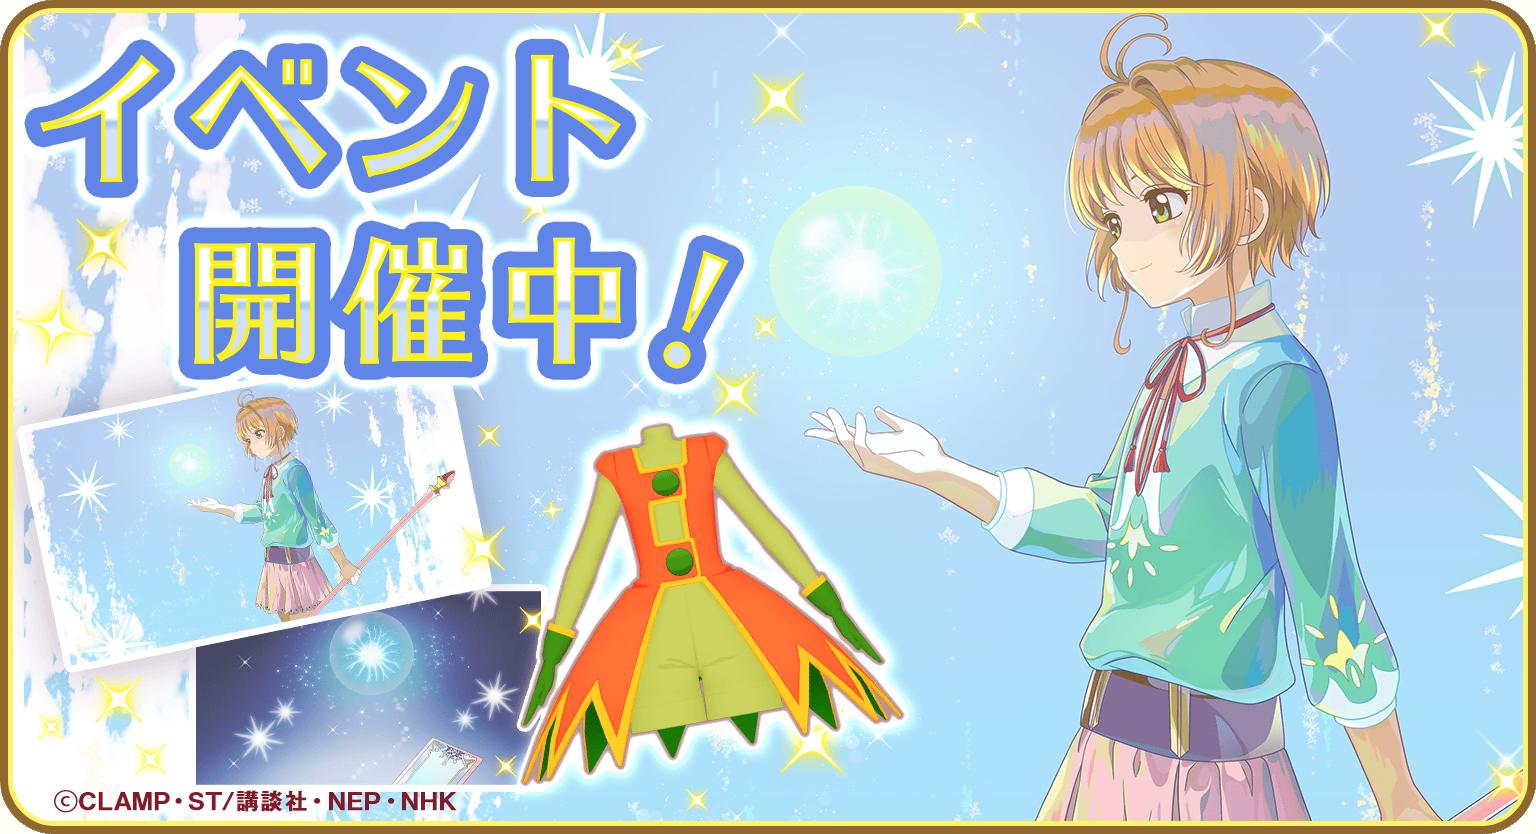 固着(セキュア)イベント『転寝(スヌーズ)』開催中!